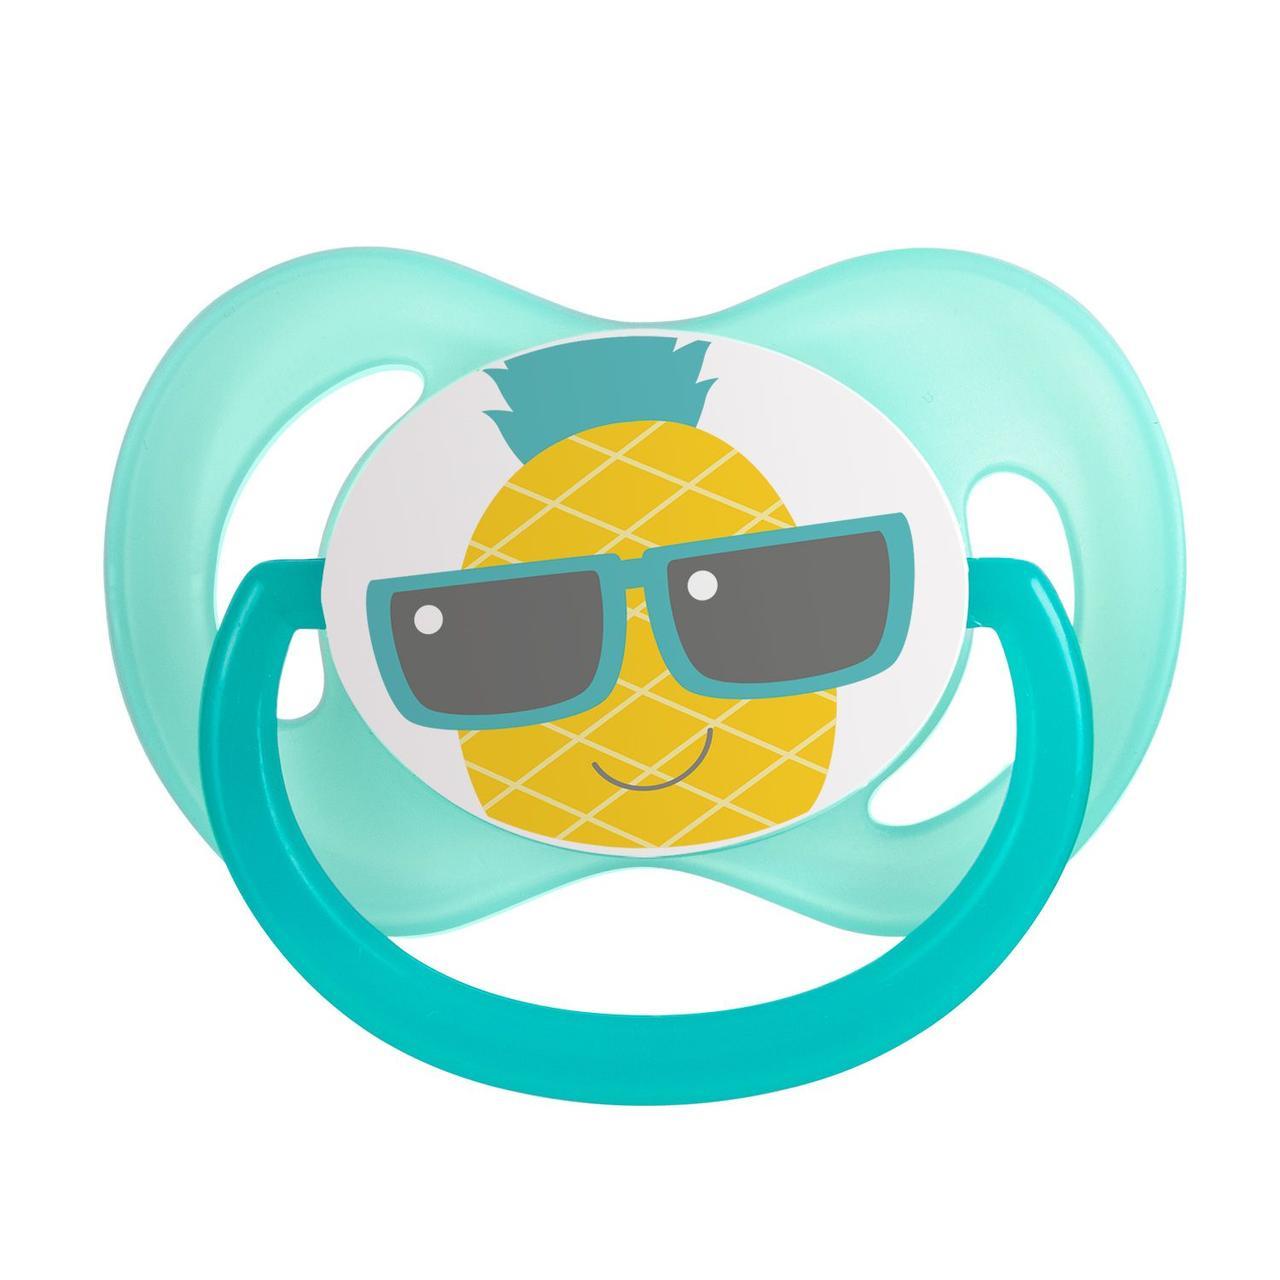 Пустушка силіконова симетрична 6-18 м-ців So Cool - бірюзова Canpol babies 22/522_tur